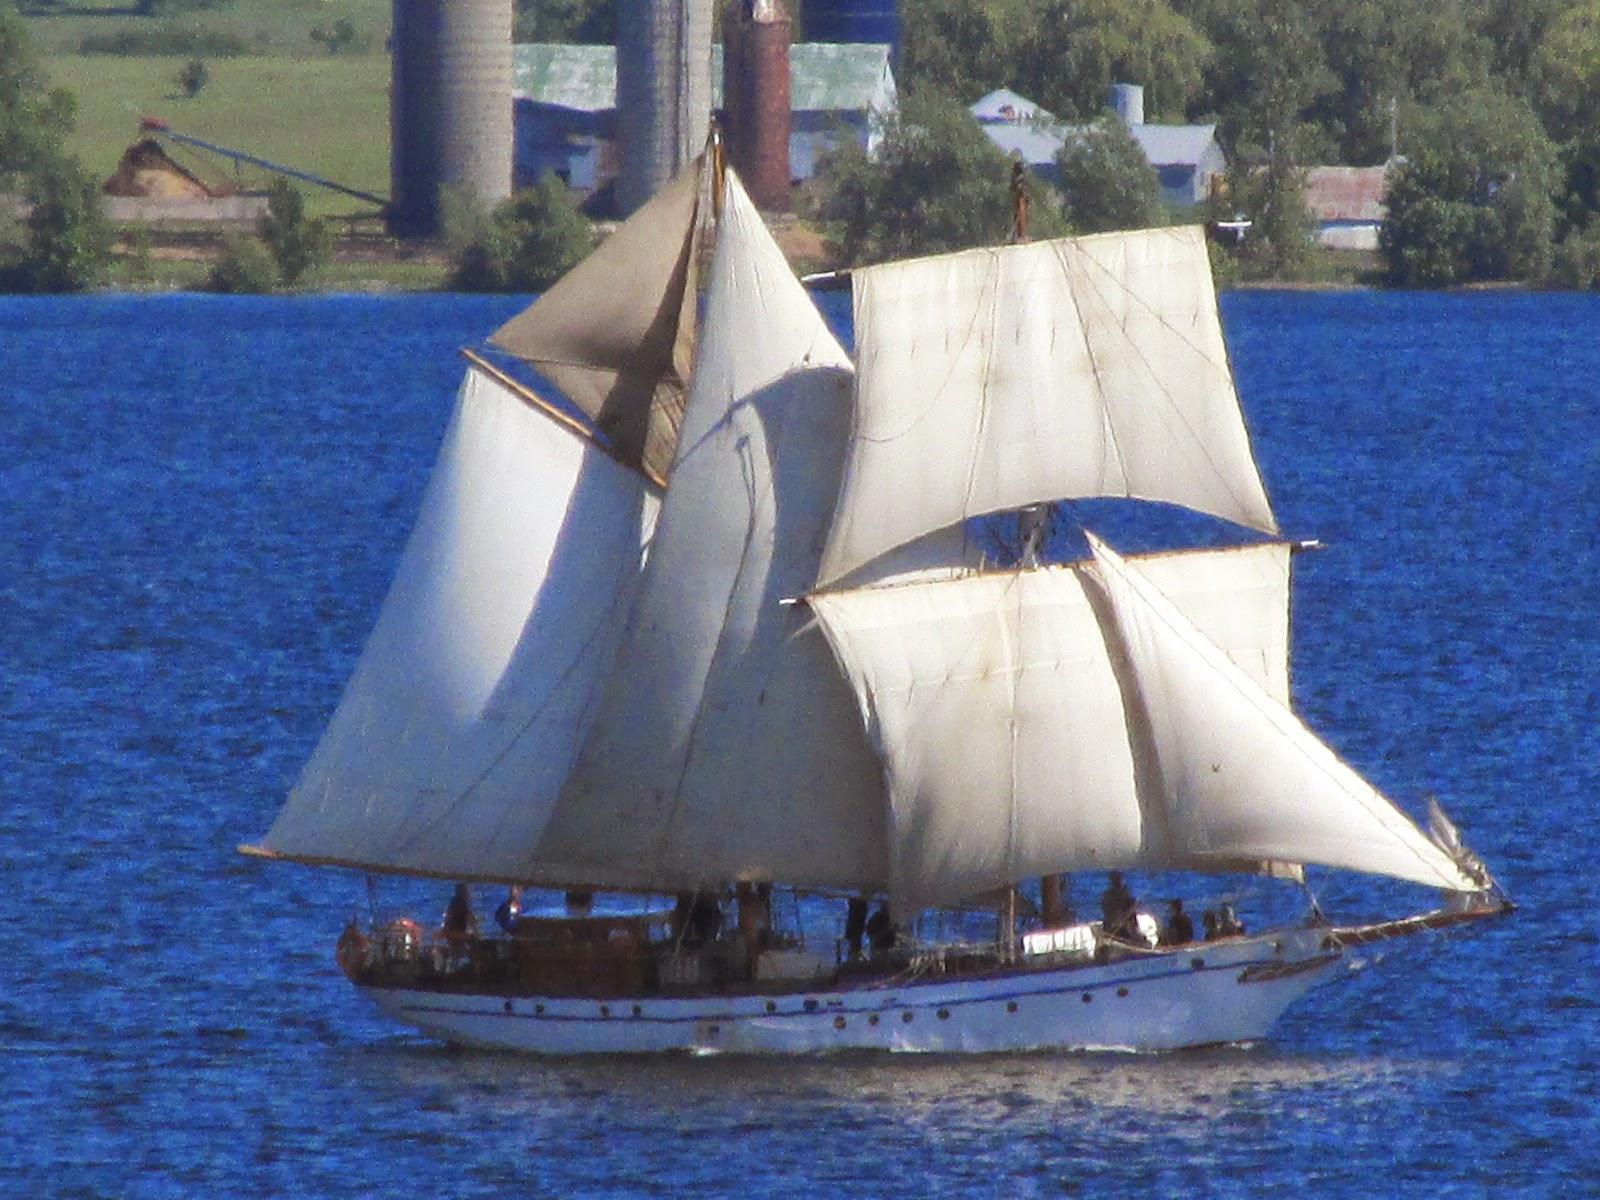 Sailing Hotspot